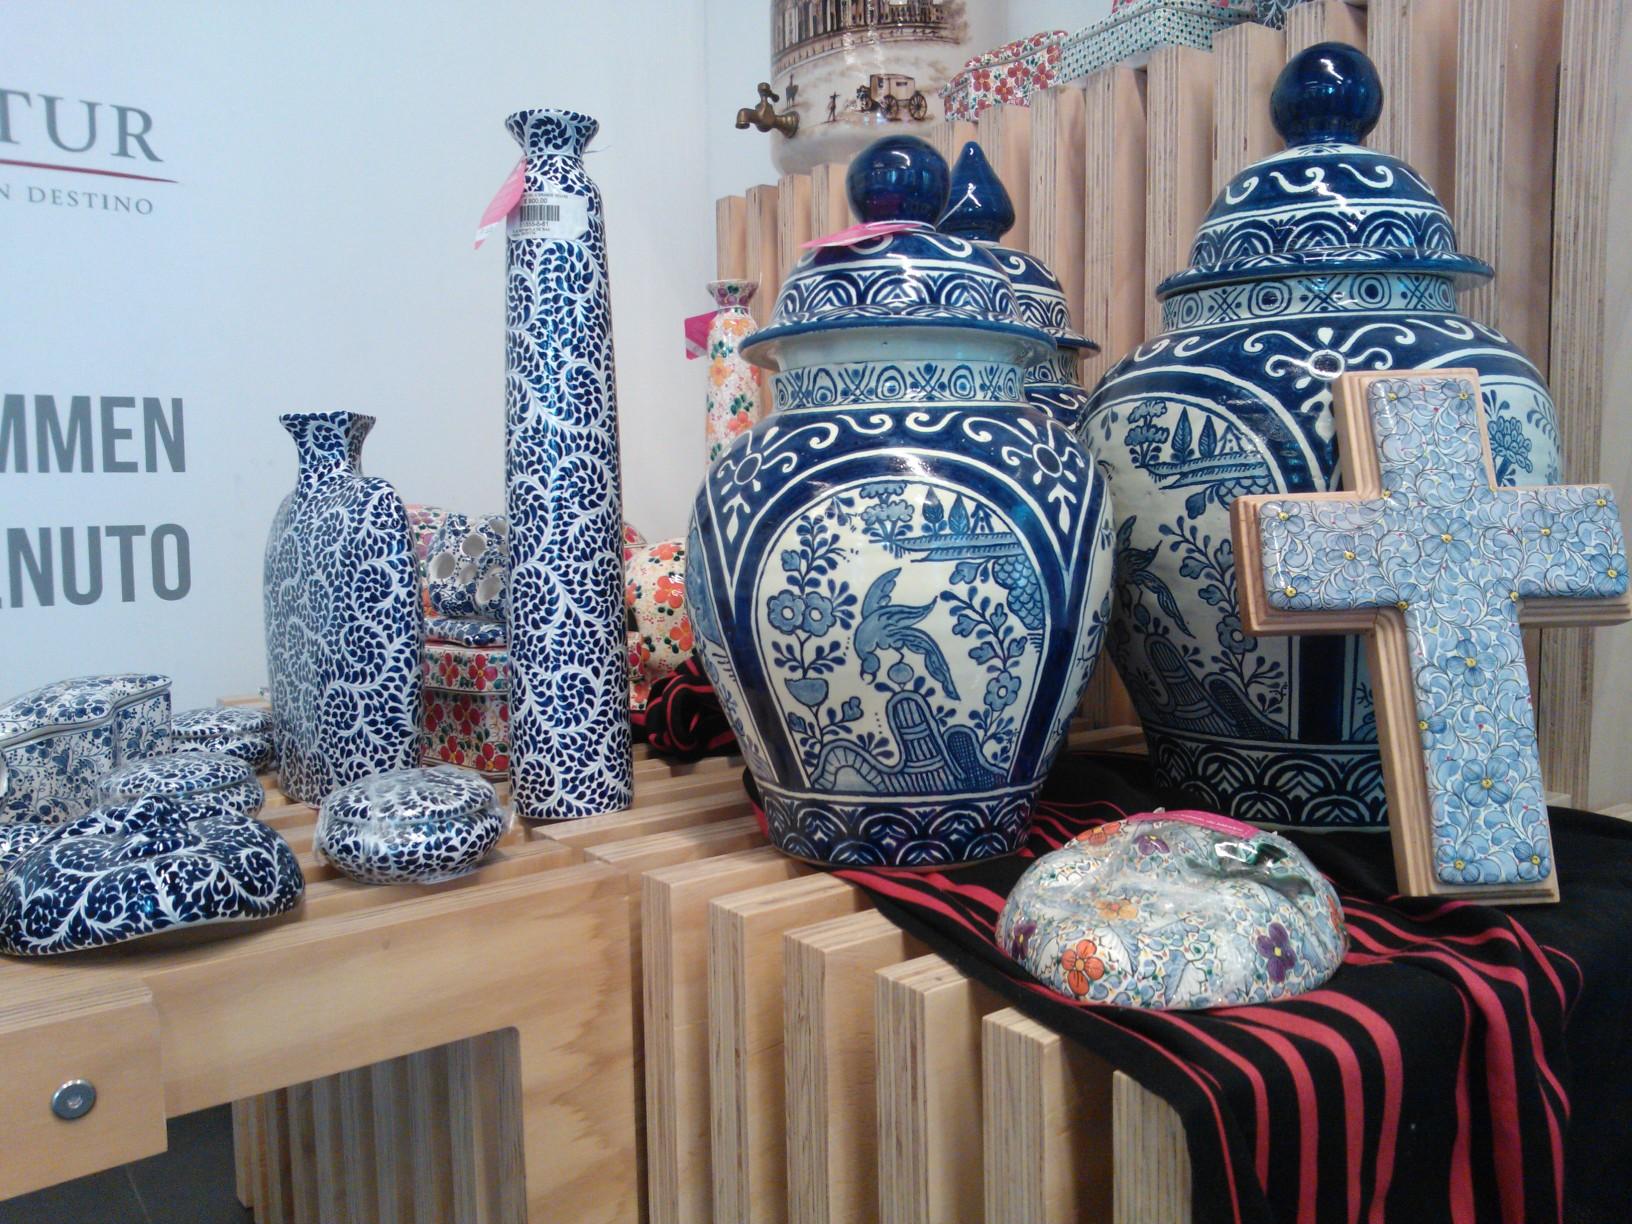 Una muestra de la exhibición de las riquezas culturales y artesanales 2014 en Punto México es la talavera.